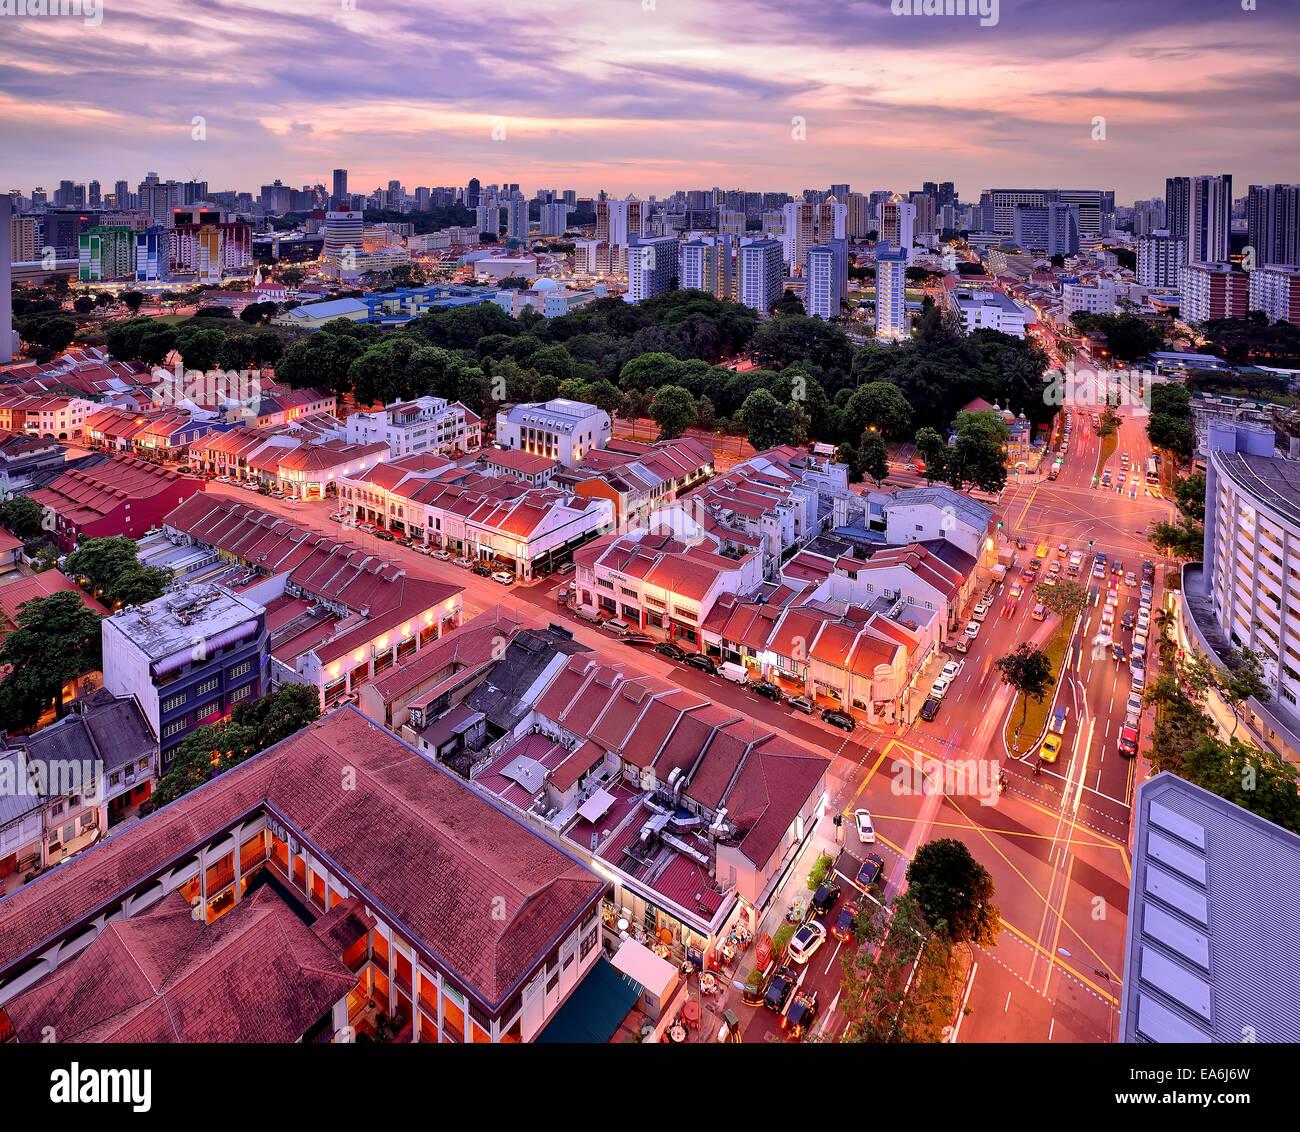 Singapore, lo skyline della citta' al tramonto Immagini Stock